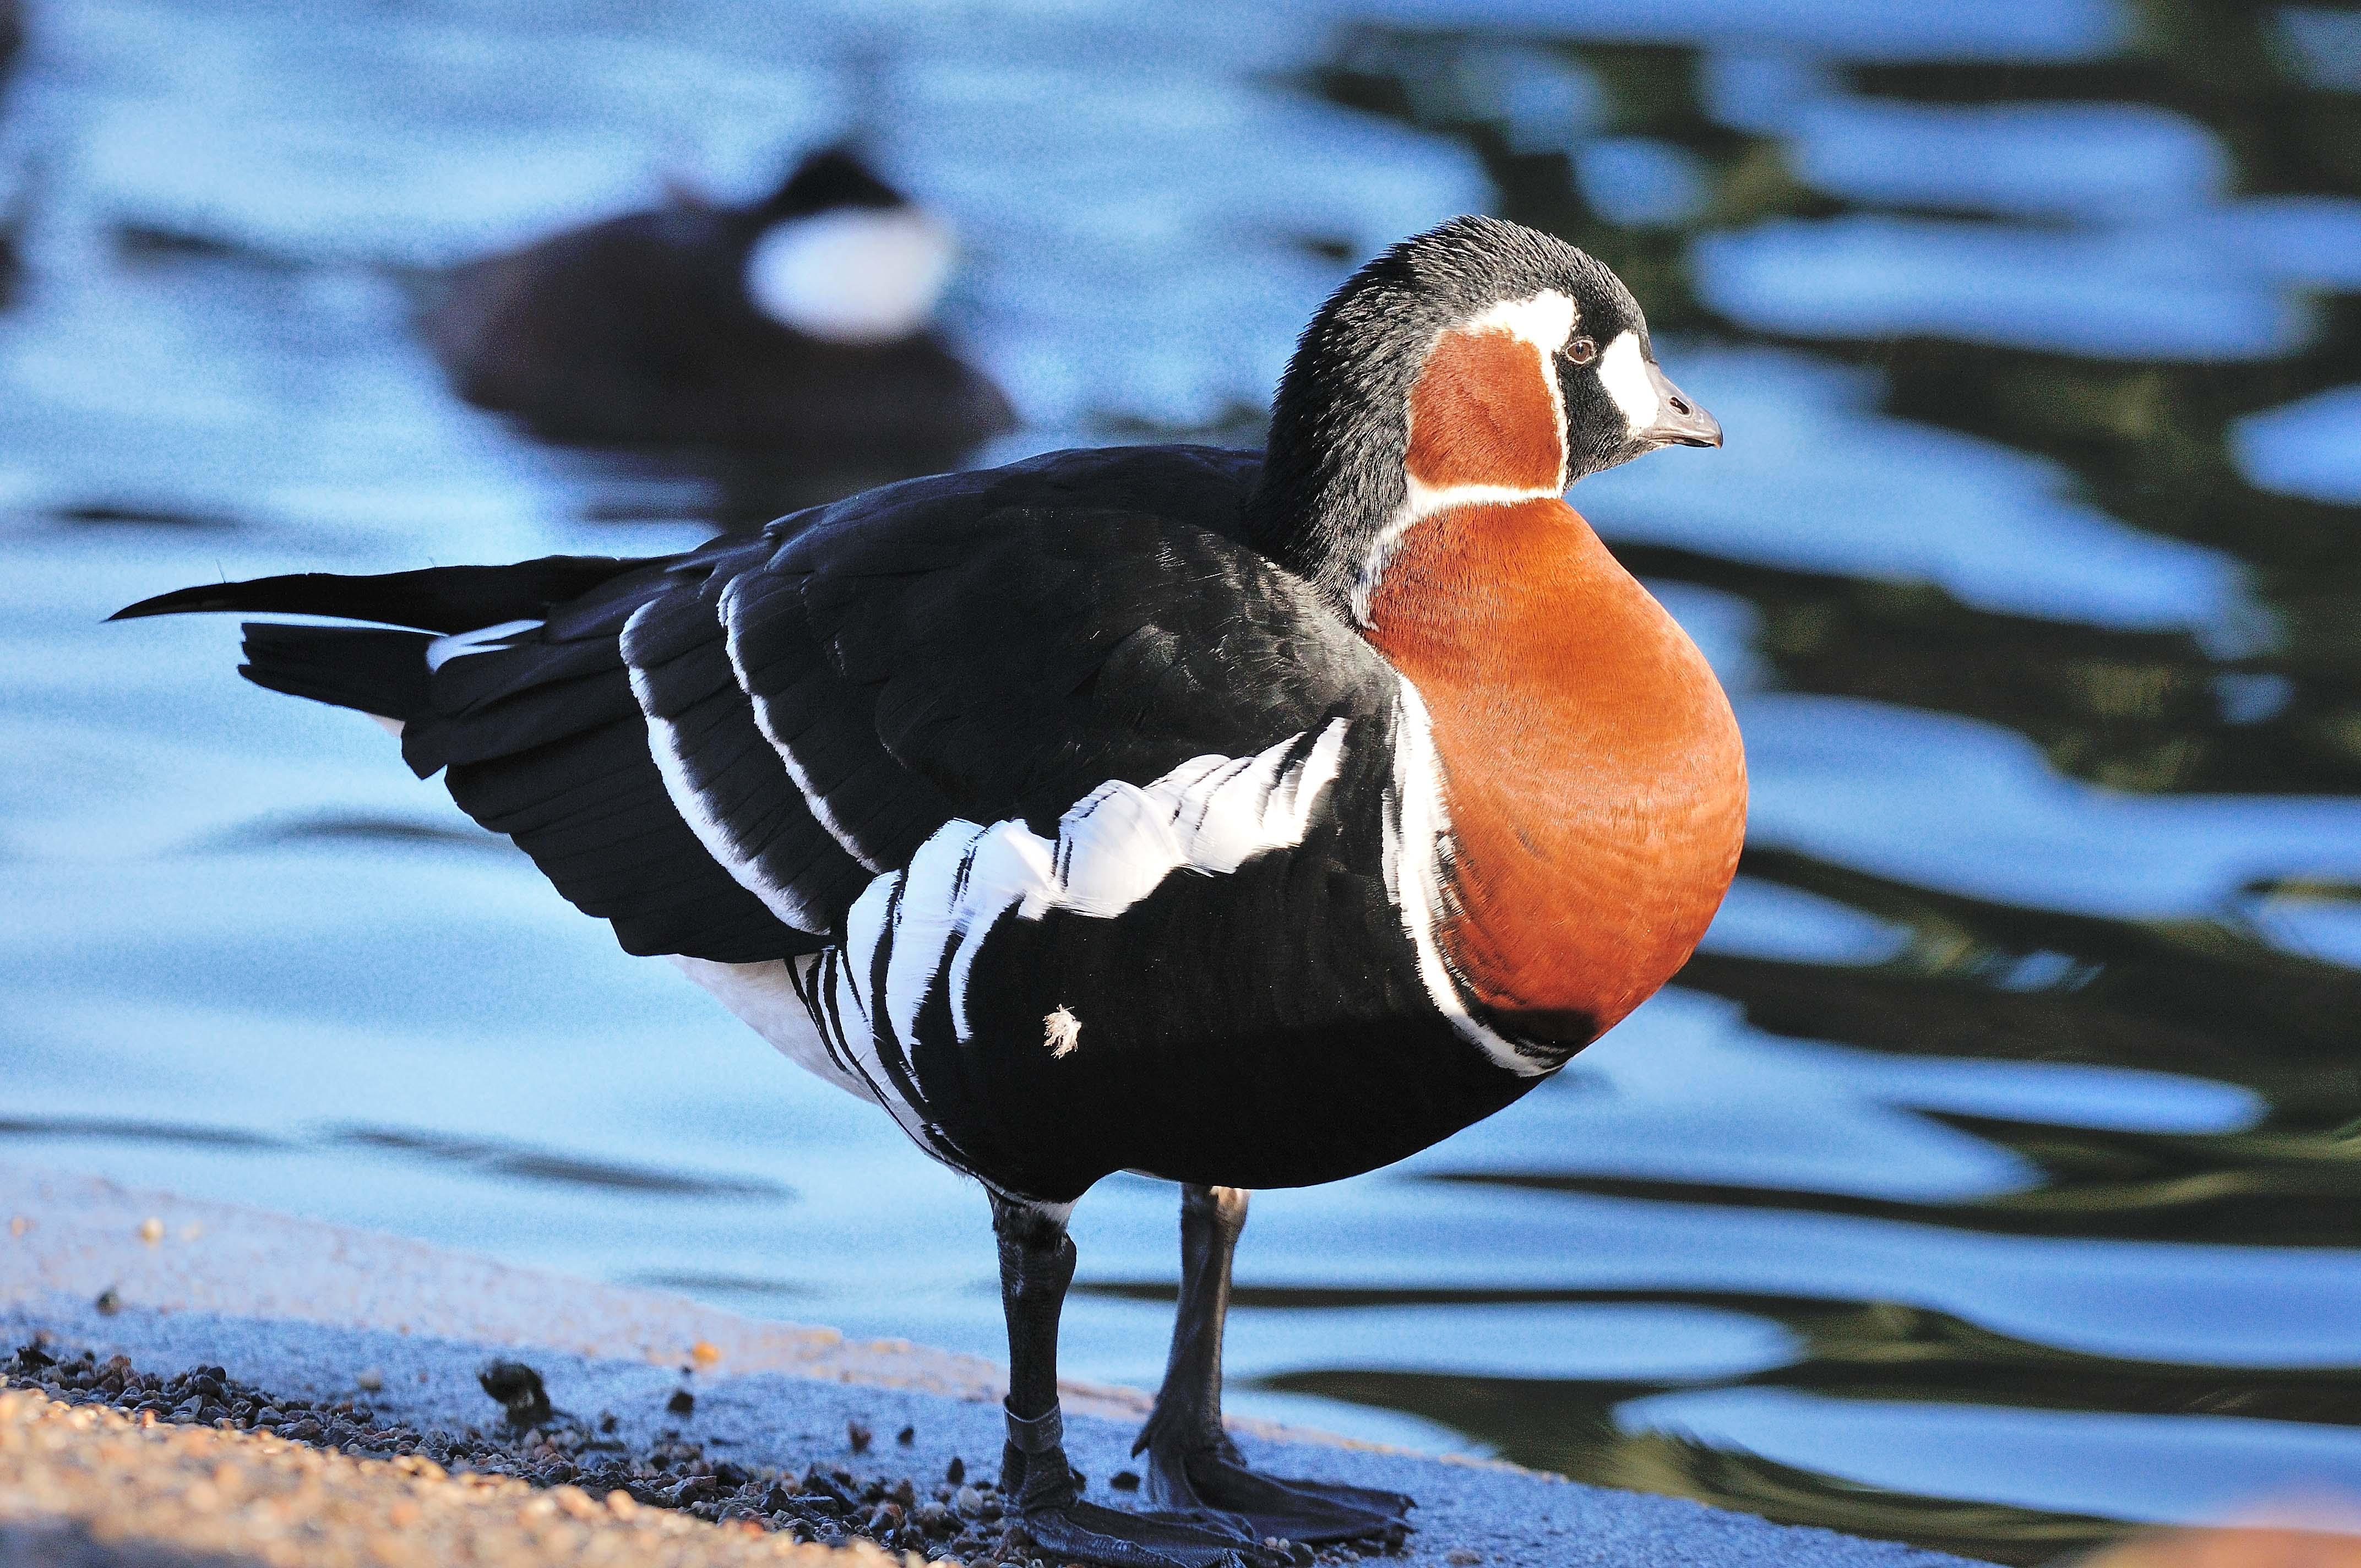 окончательным ярко-оранжевый животные и птицы красной книги россии фото выбор различных